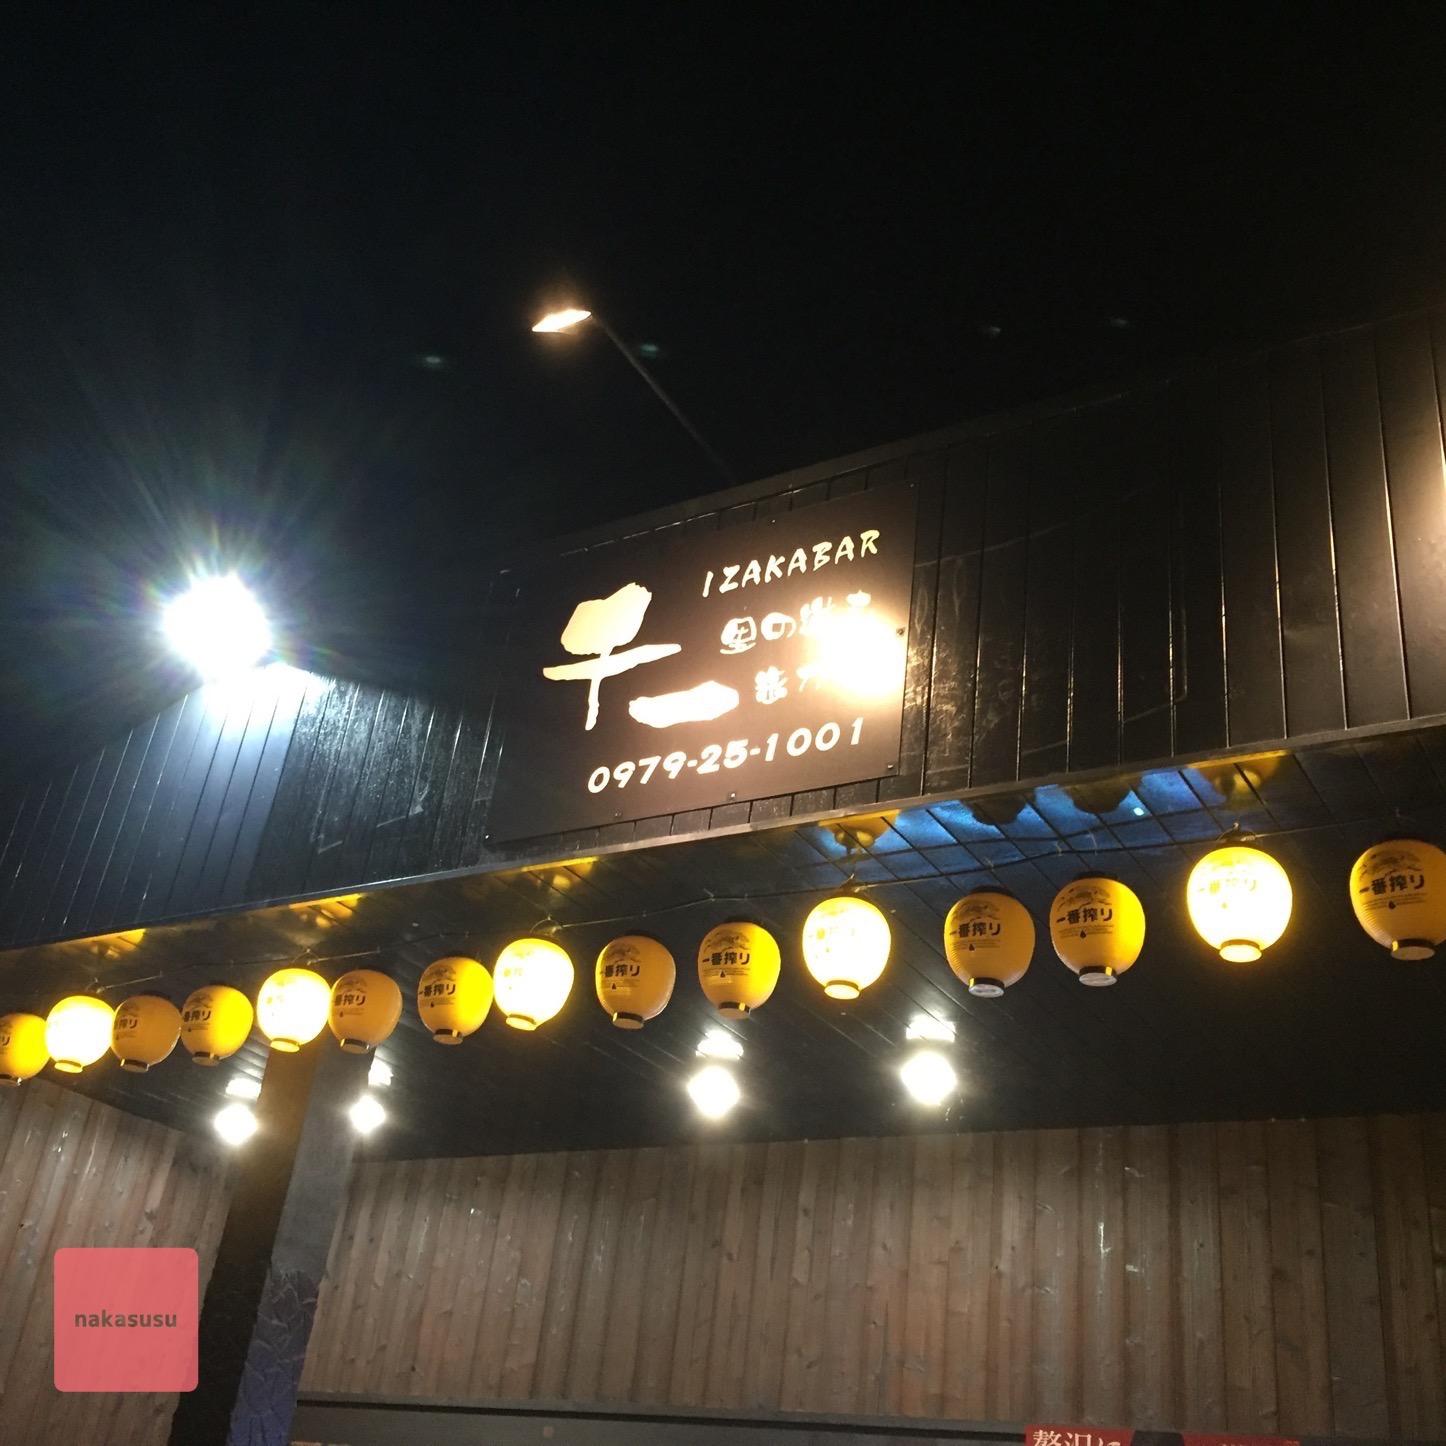 ふわふわとろとろ~♪これはやみつき間違いなし!居酒屋「千一」の山芋鉄板、美味でございますぅ~!